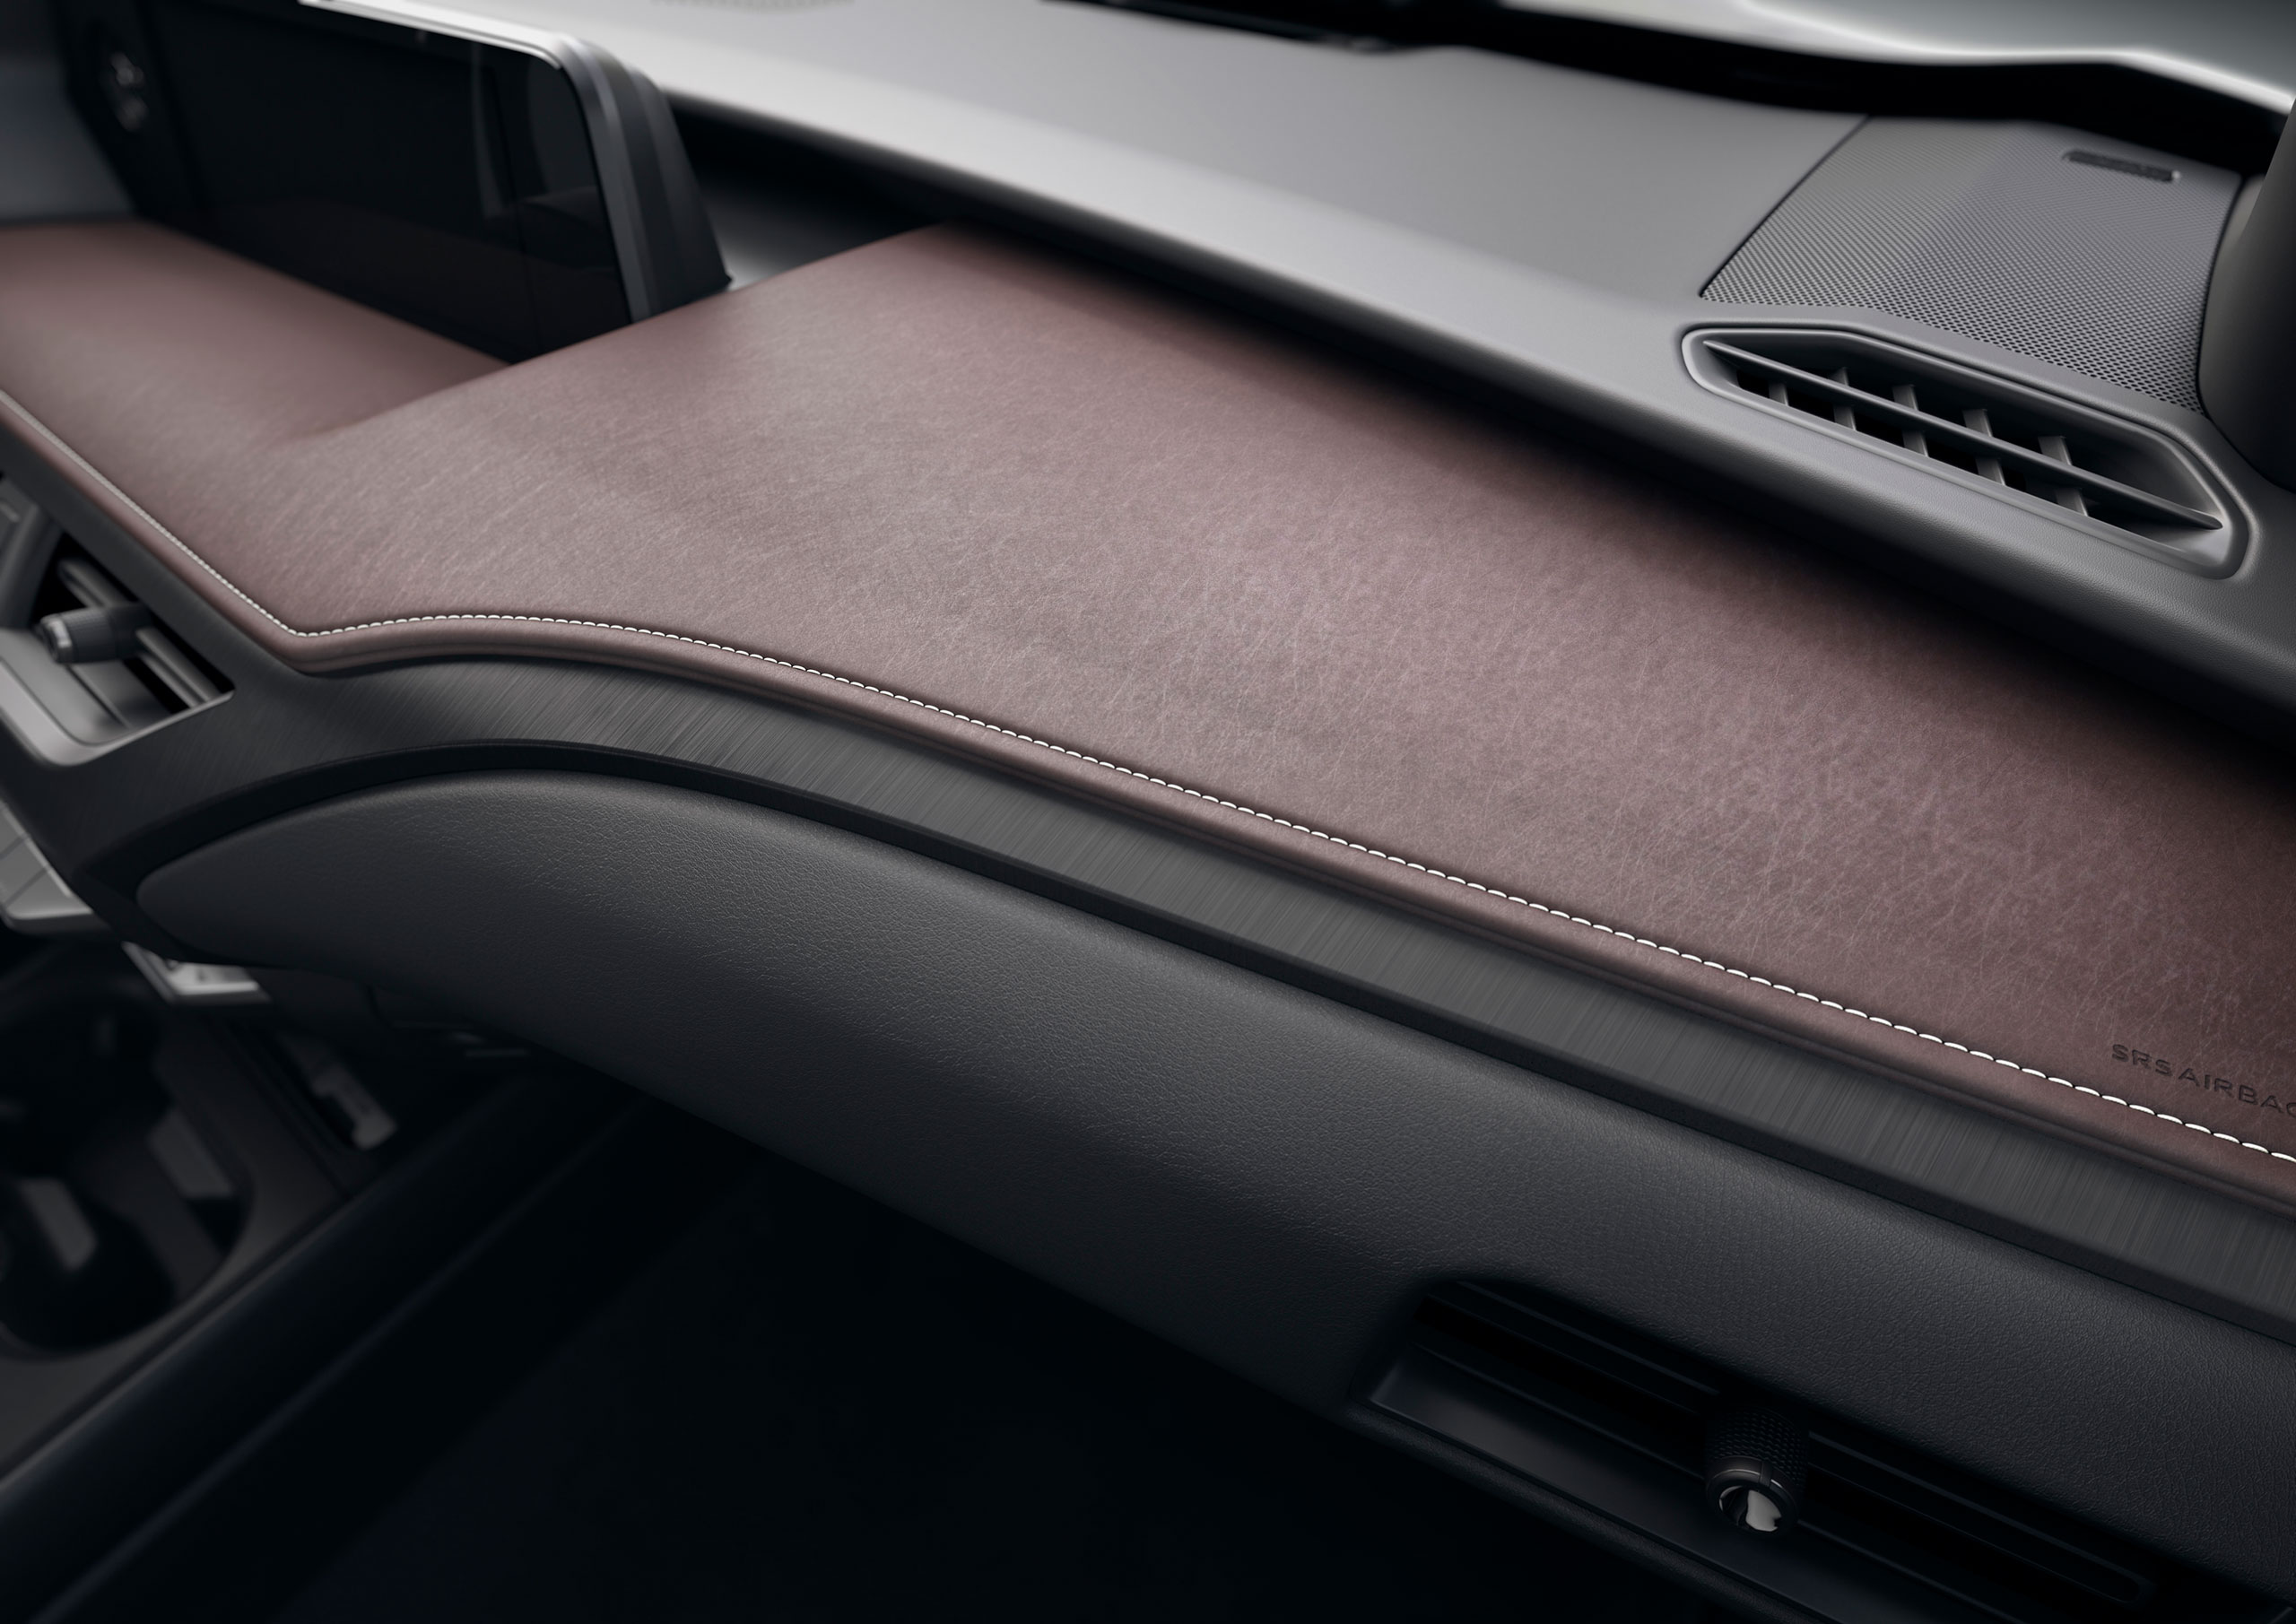 2018 - [Lexus] UX - Page 2 18-03-06-gallery-lexus-ux-reveal-51